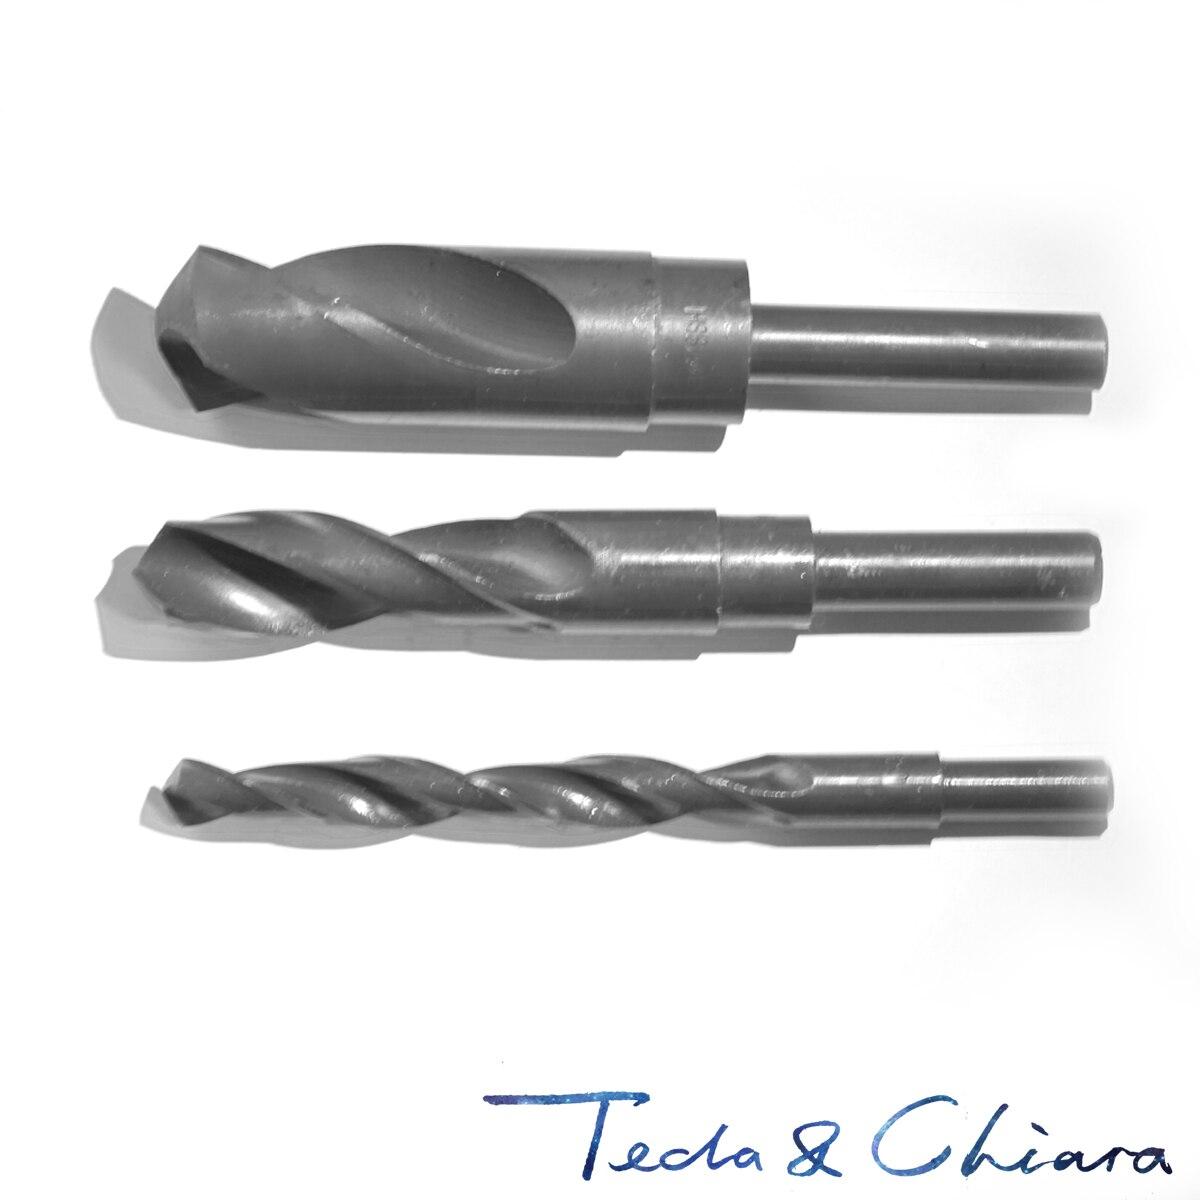 21.1mm 21.2mm 21.3mm 21.4mm 21.5mm HSS Reduced Straight Crank Twist Drill Bit Shank Dia 12.7mm 1/2 Inch 21.1 21.2 21.3 21.4 21.5